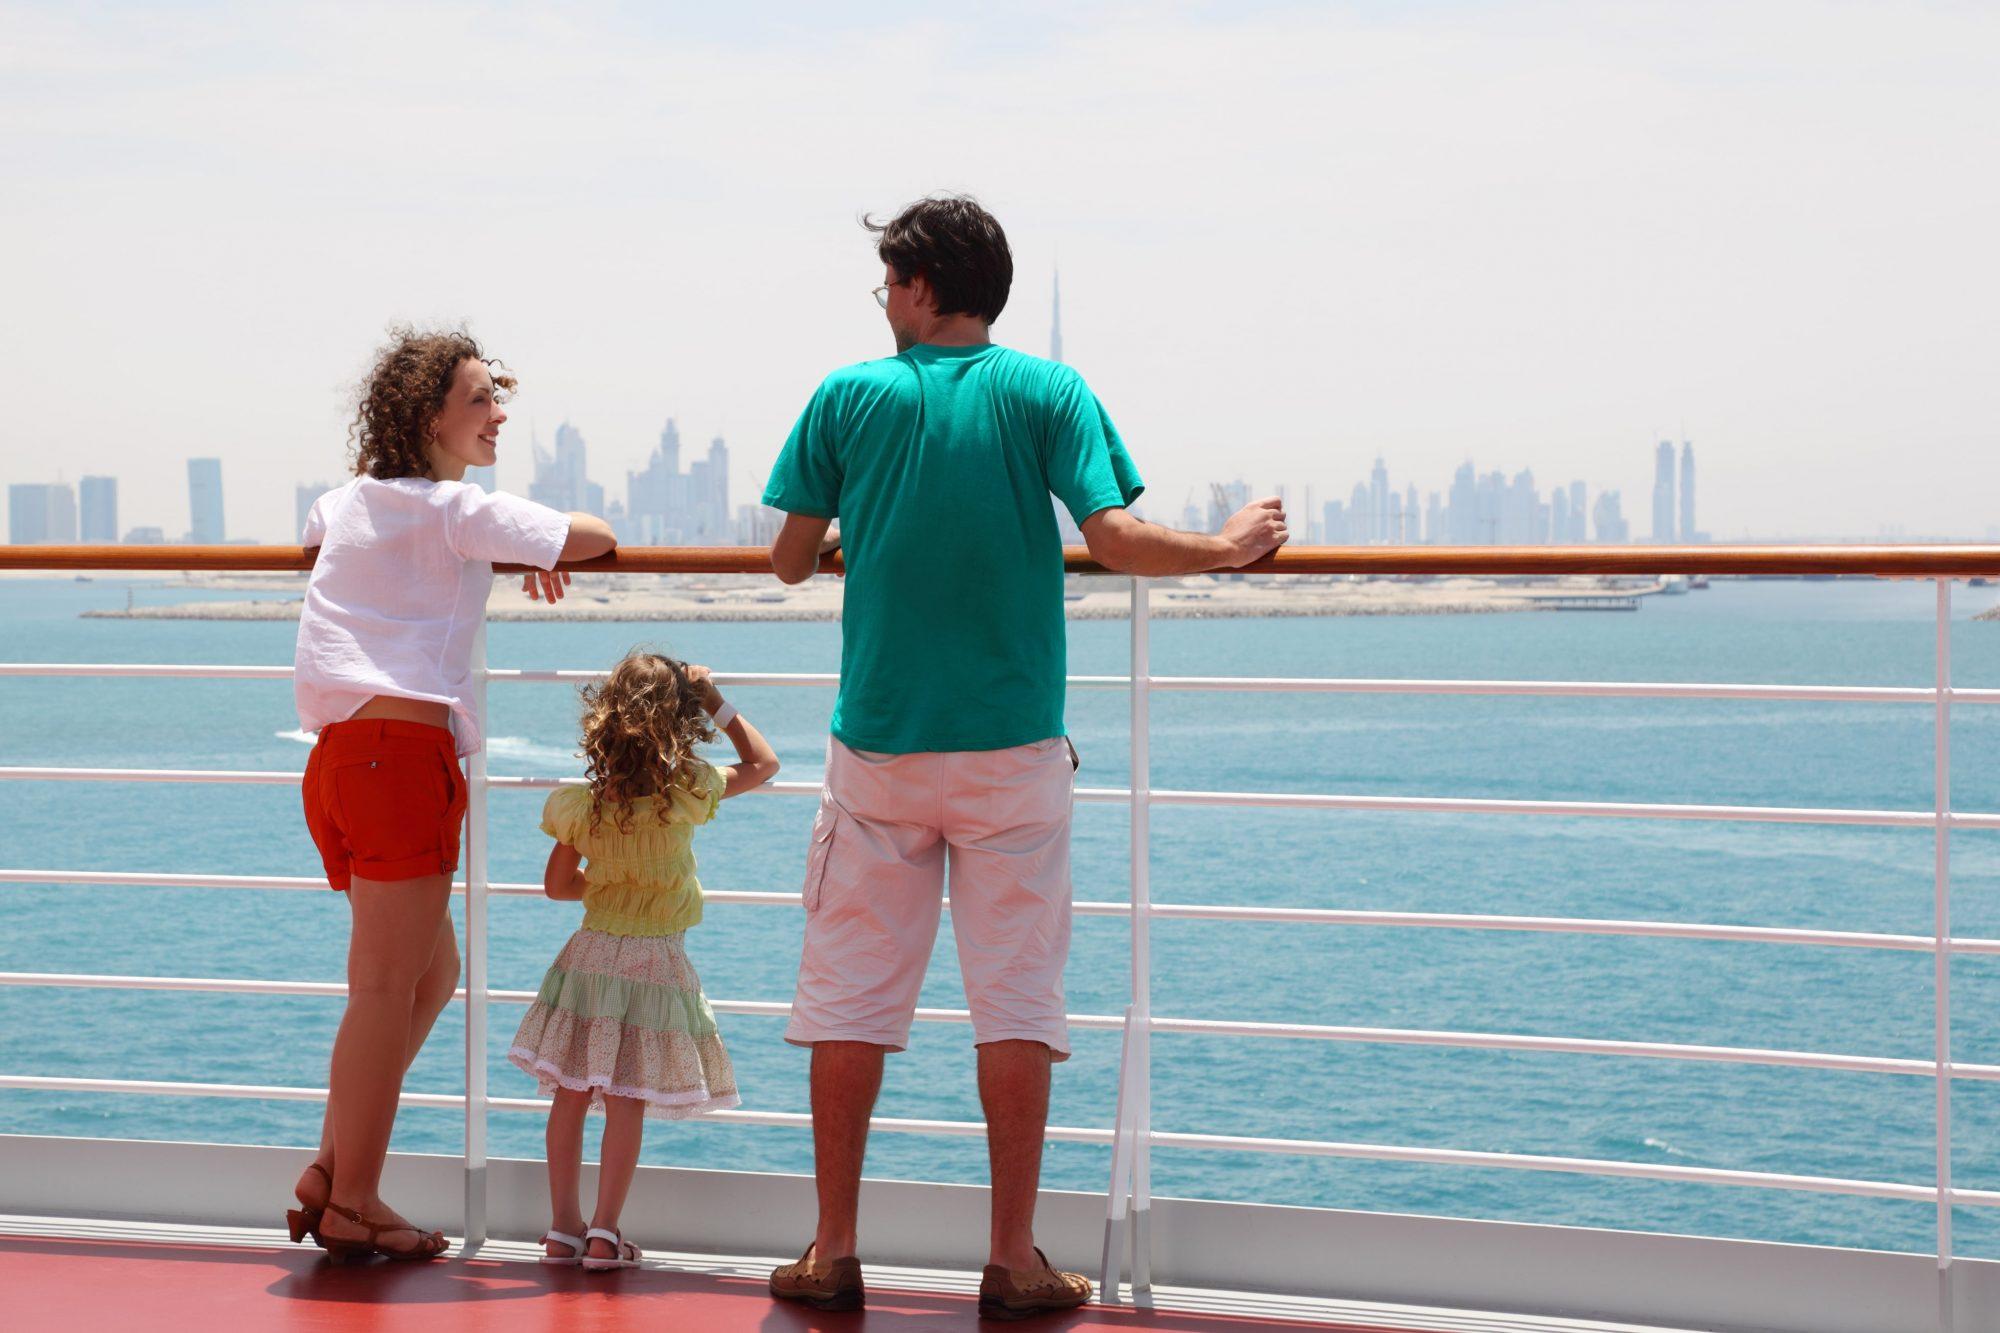 Blis luxury cruise brand case study image